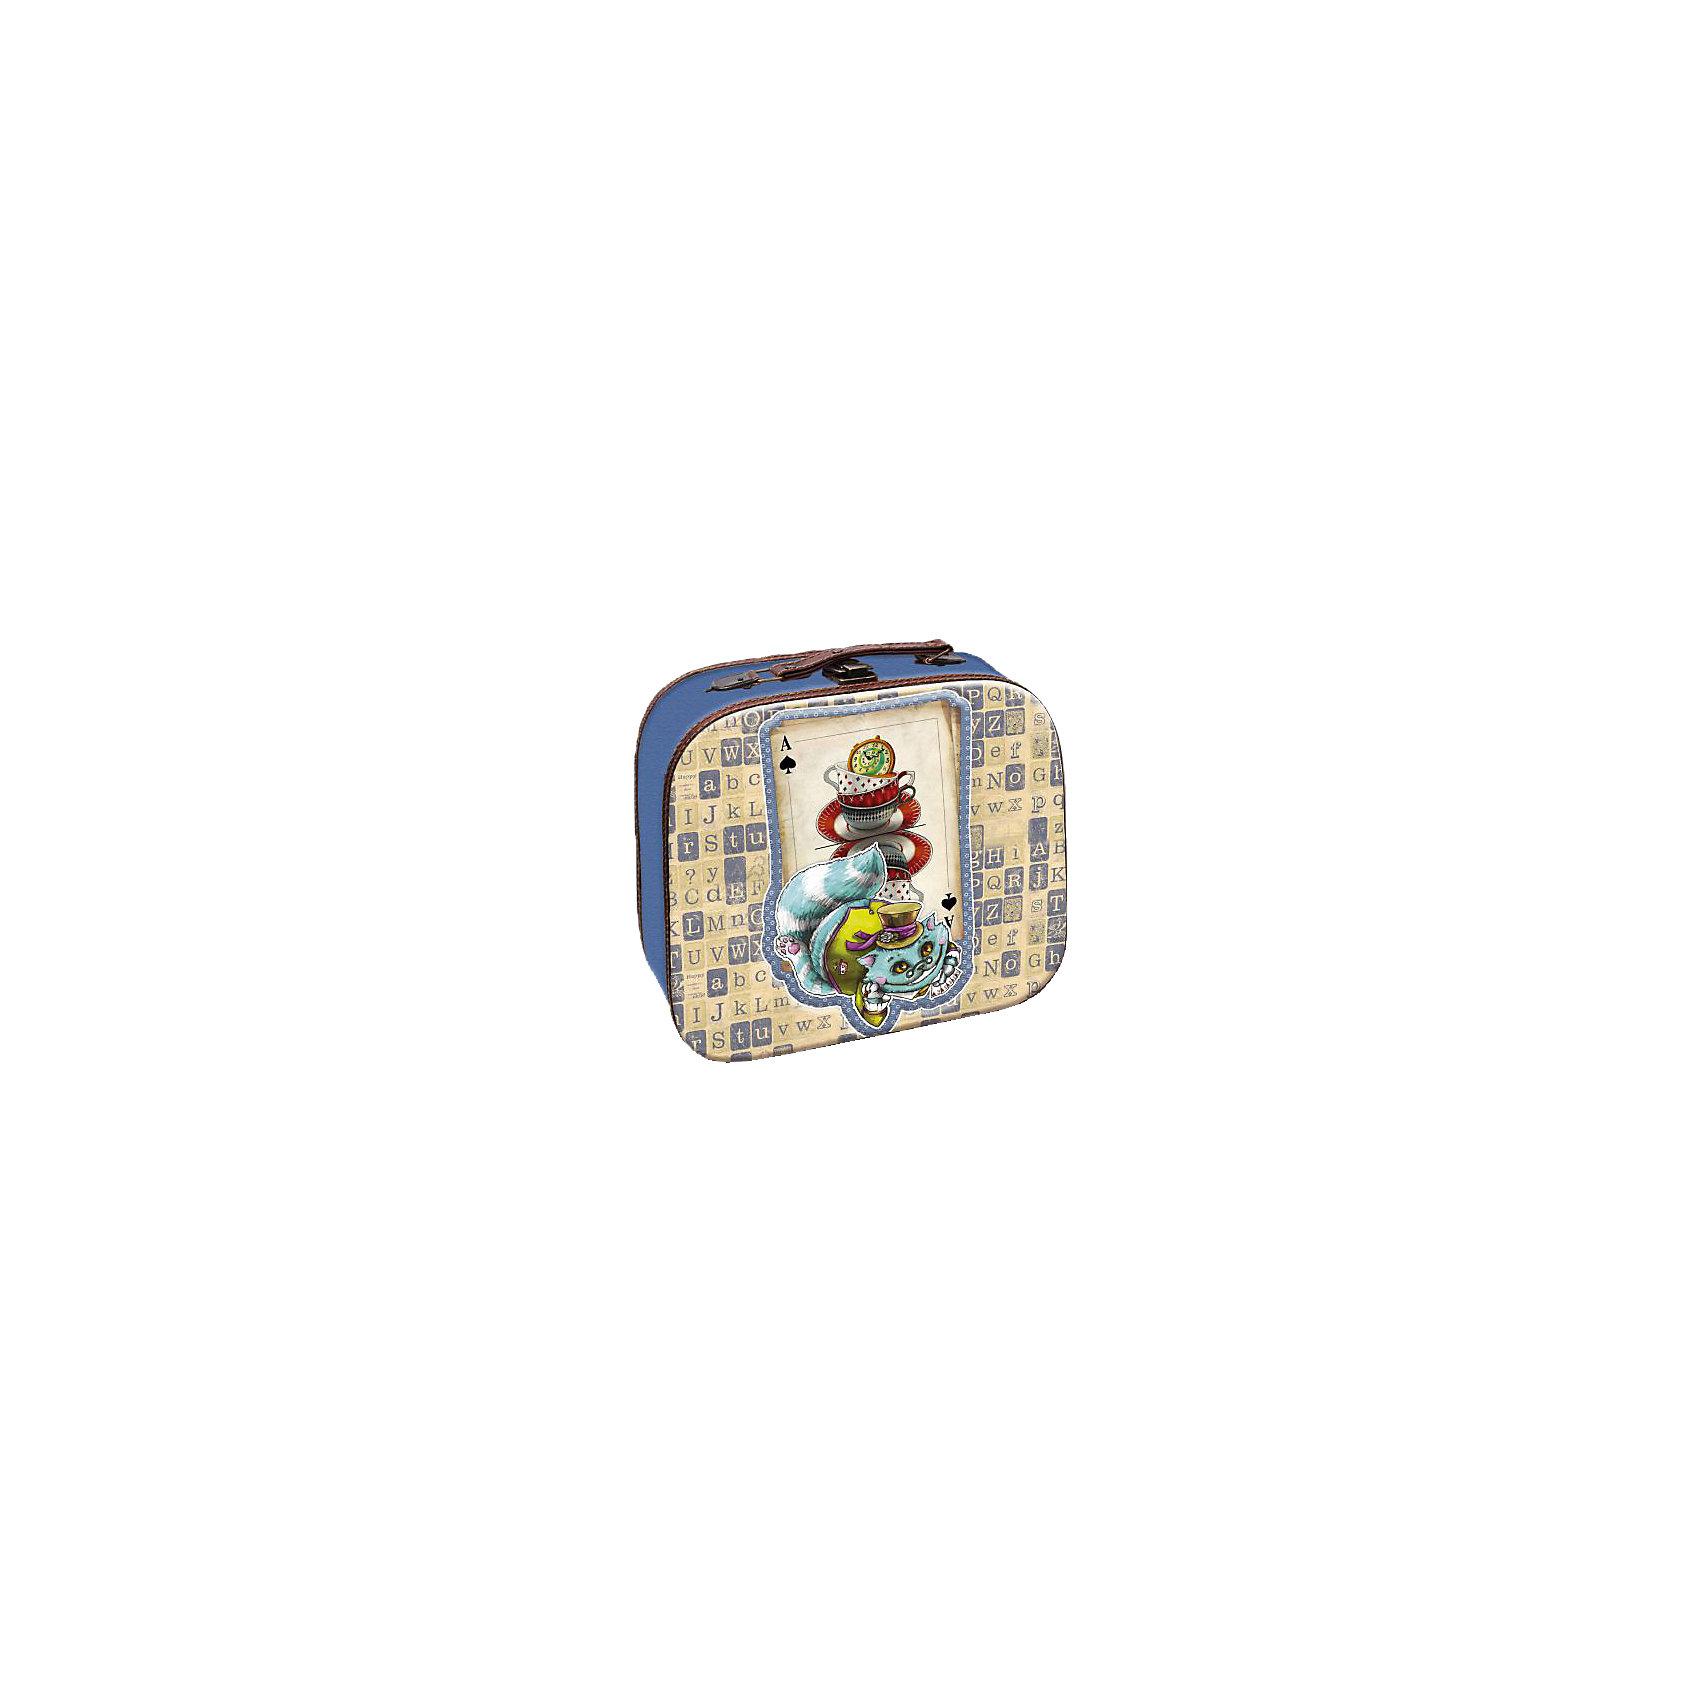 Шкатулка Волшебный кот 28,5*25*10,5 смЭта оригинальная шкатулка станет замечательным подарком на любой праздник. В ней можно хранить любые мелочи, это не только эффектное украшение интерьера, но и практичный аксессуар, который поможет поддержать порядок и улучшить функциональную организацию пространства. Шкатулка выполнена в виде чемоданчика, с изображением Чеширского кота, закрывается на удобный замок, наверху имеет изящную кожаную ручку для переноски.<br><br>Дополнительная информация:<br><br>- Материал: МДФ, металл, кожа.<br>- Размер: 28,5х25х10,5 см.<br>- Металлический замок.<br>- Удобная ручка для переноски.<br><br>Декоративную шкатулку  Волшебный кот можно купить в нашем магазине.<br><br>Ширина мм: 120<br>Глубина мм: 270<br>Высота мм: 300<br>Вес г: 700<br>Возраст от месяцев: 36<br>Возраст до месяцев: 2147483647<br>Пол: Унисекс<br>Возраст: Детский<br>SKU: 4290316